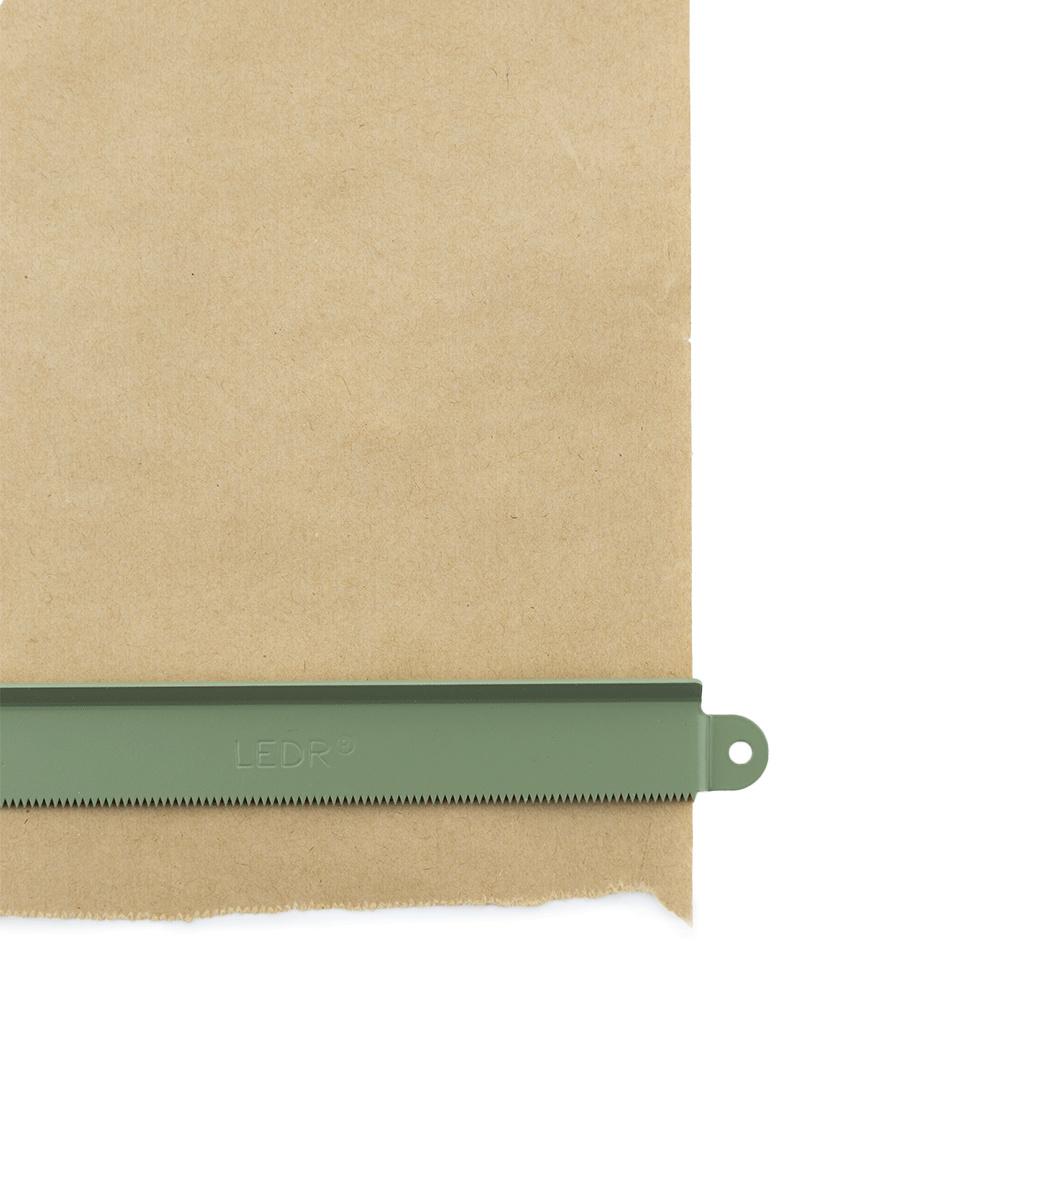 Kraft paper roller L - Grün-4